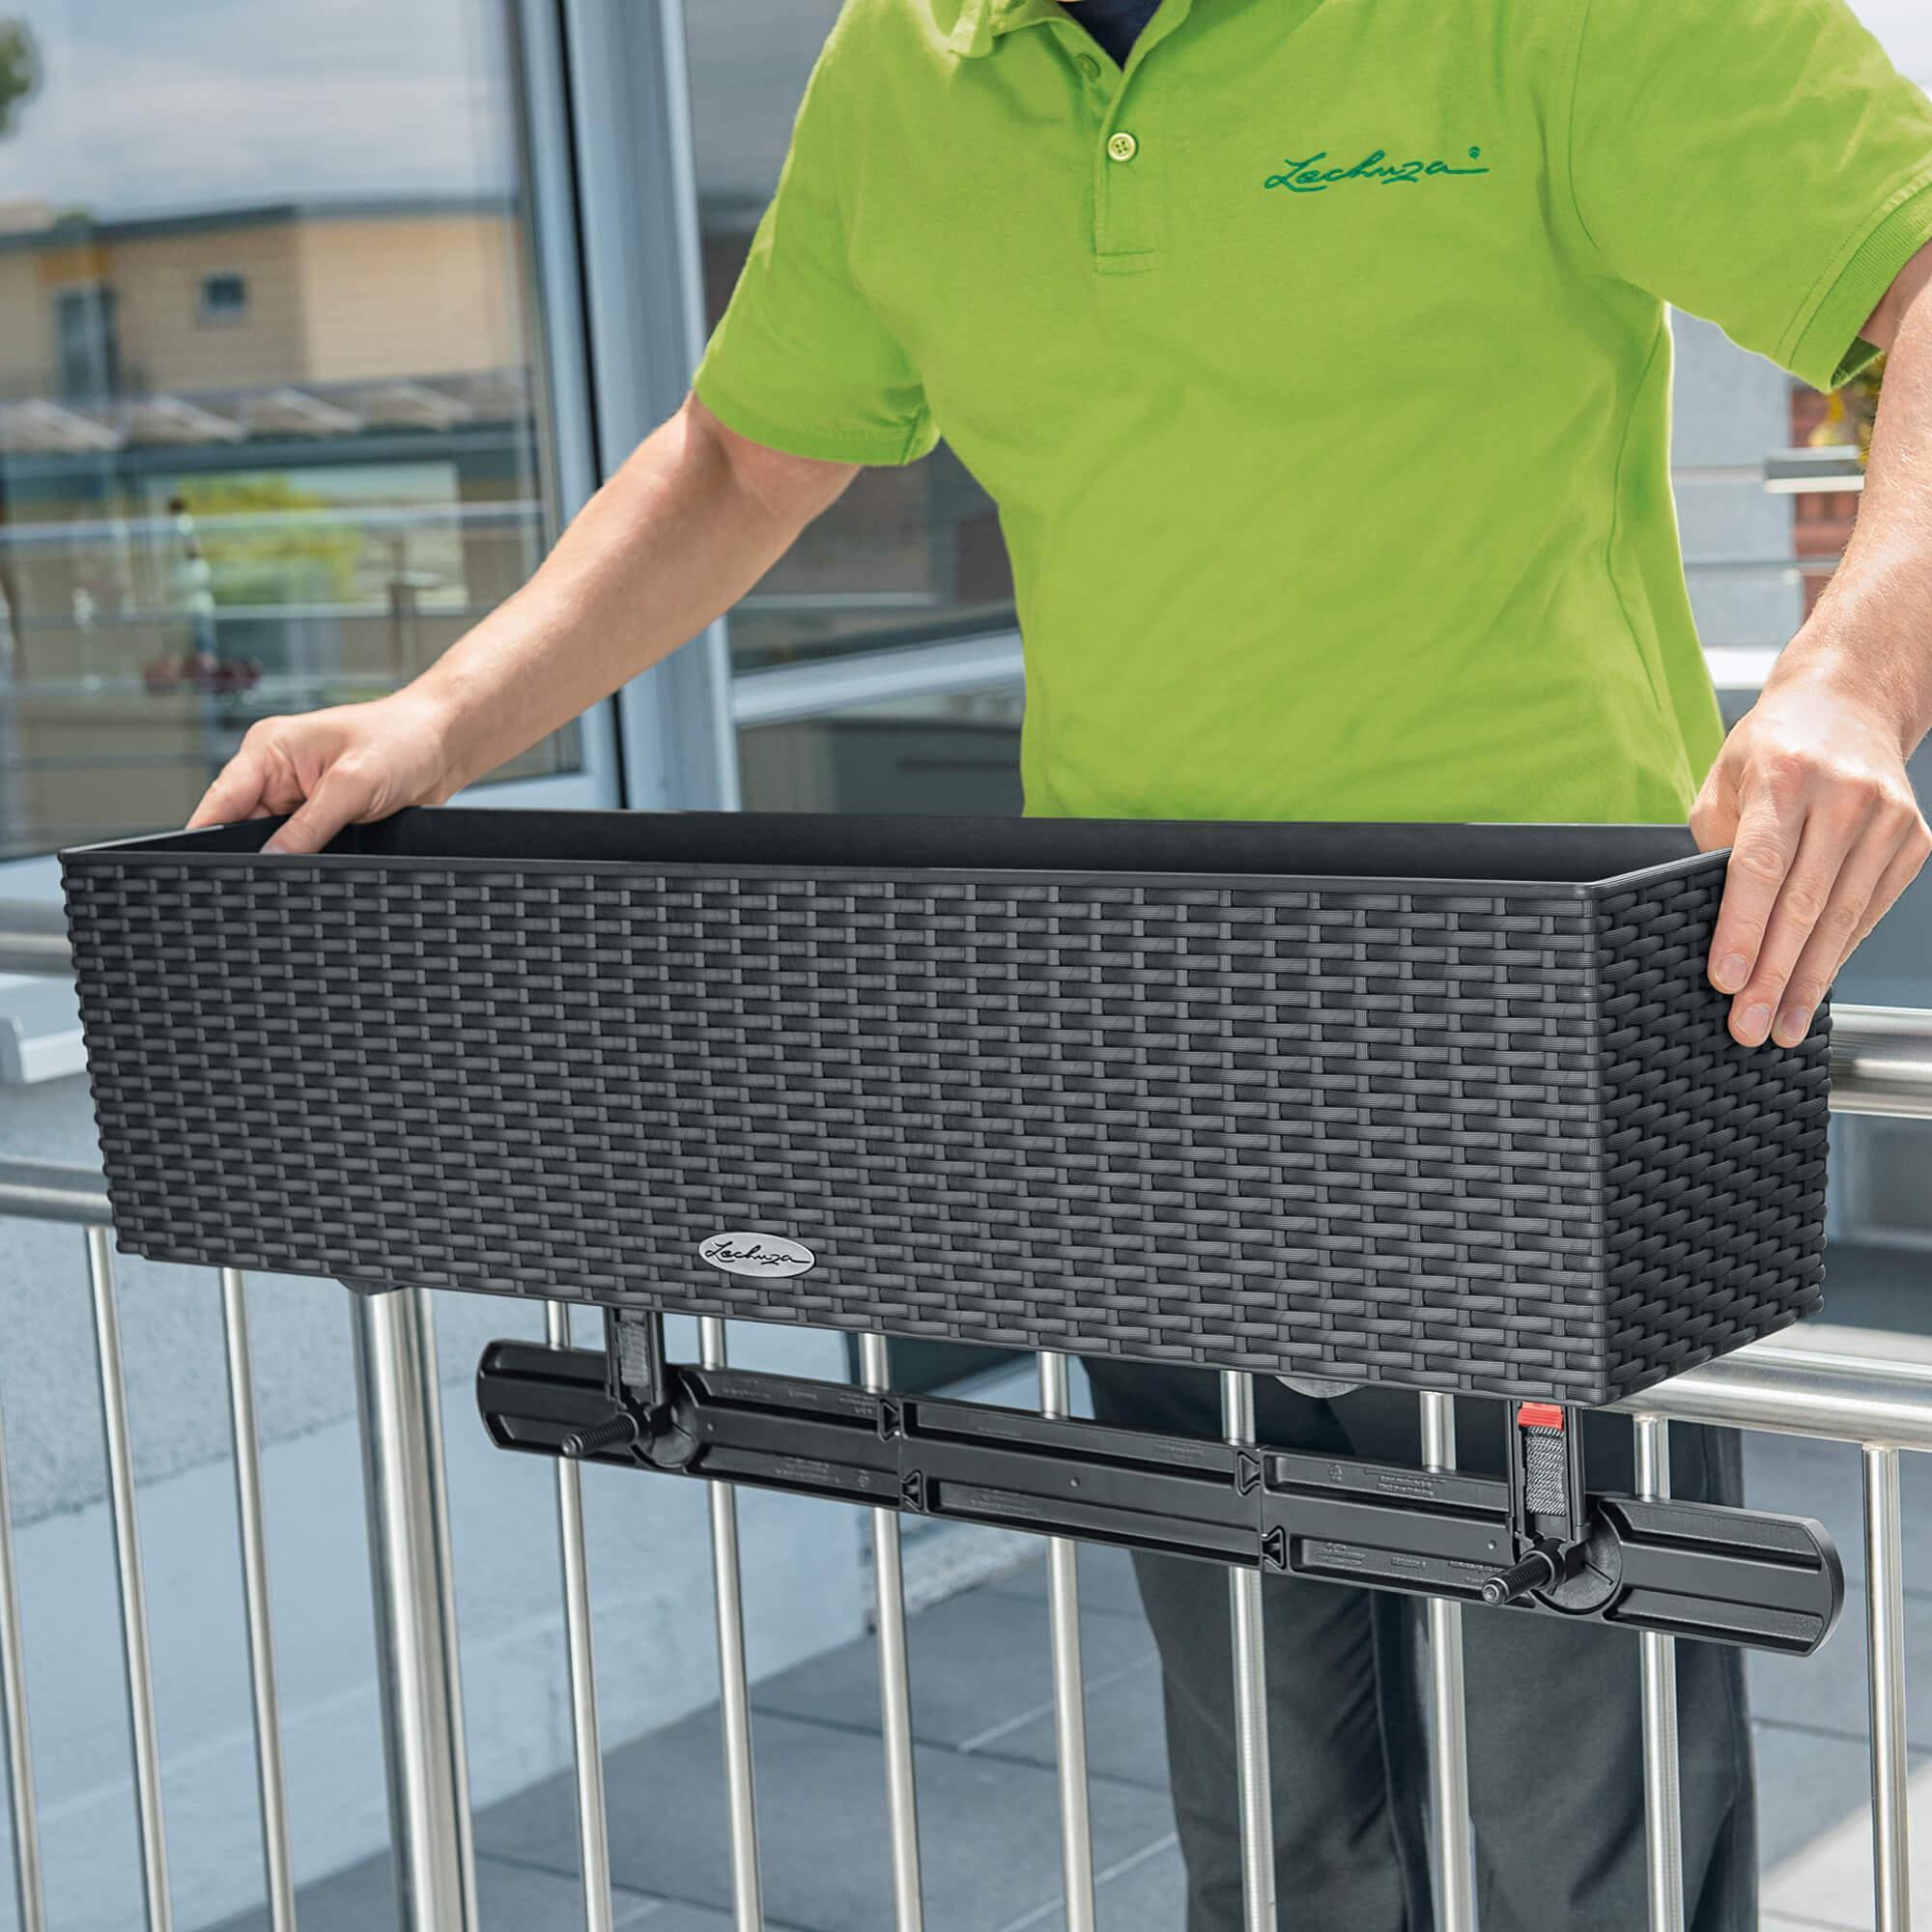 le_balkonkastenhalter-ergaenzung_product_addi_02